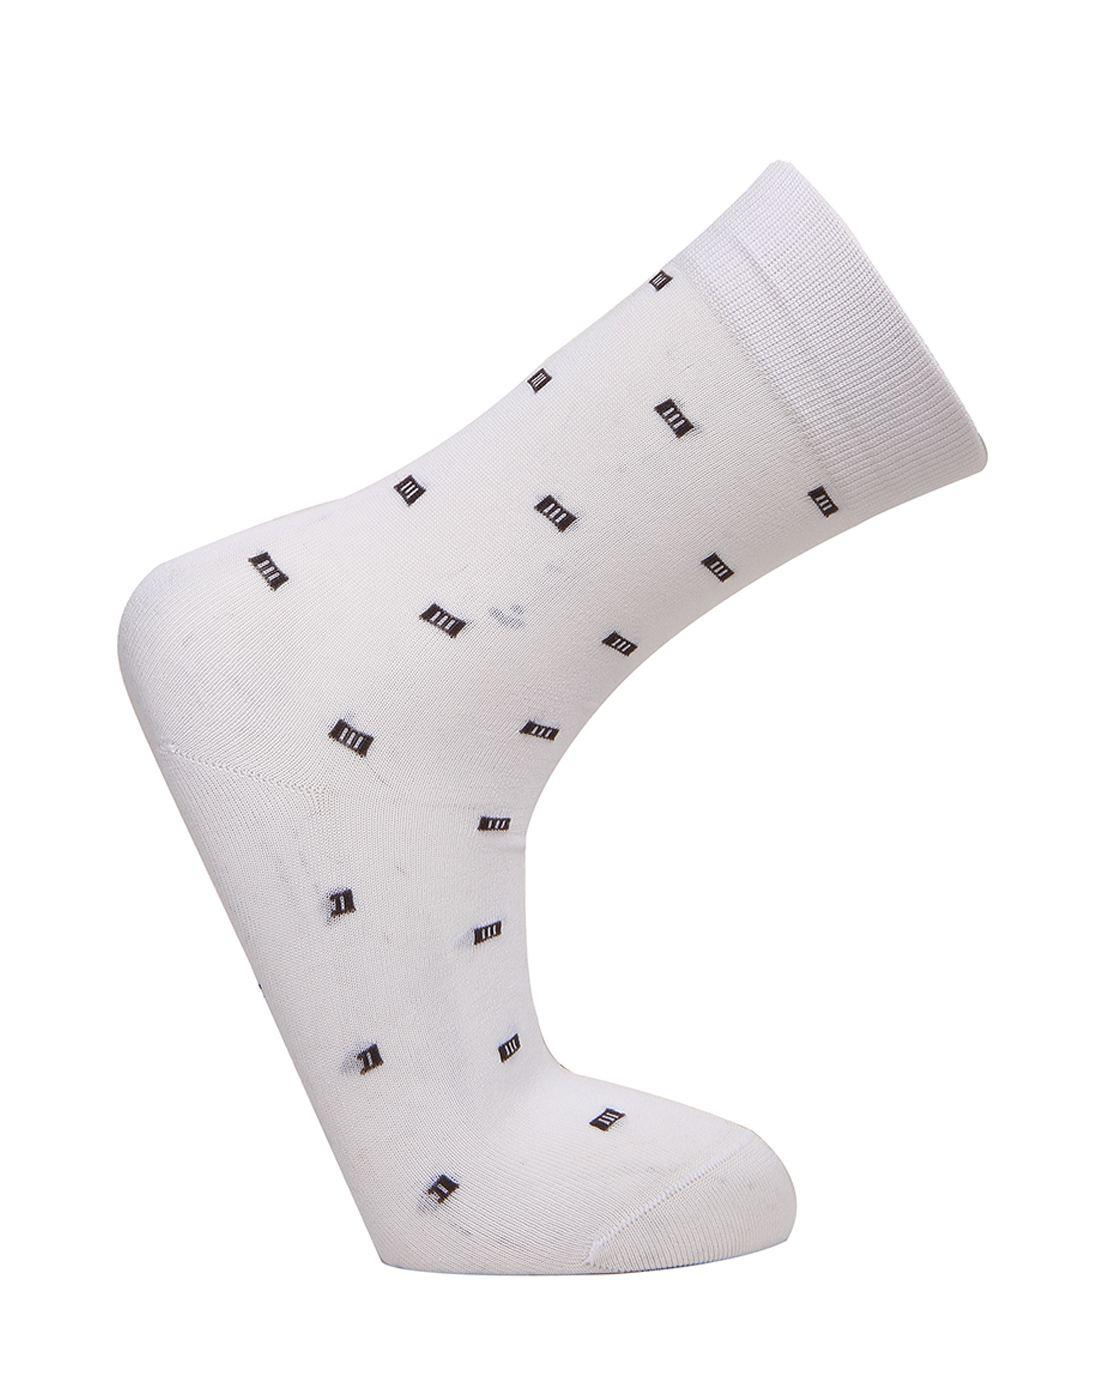 Norman Todd Women White Mid-calf Length Socks